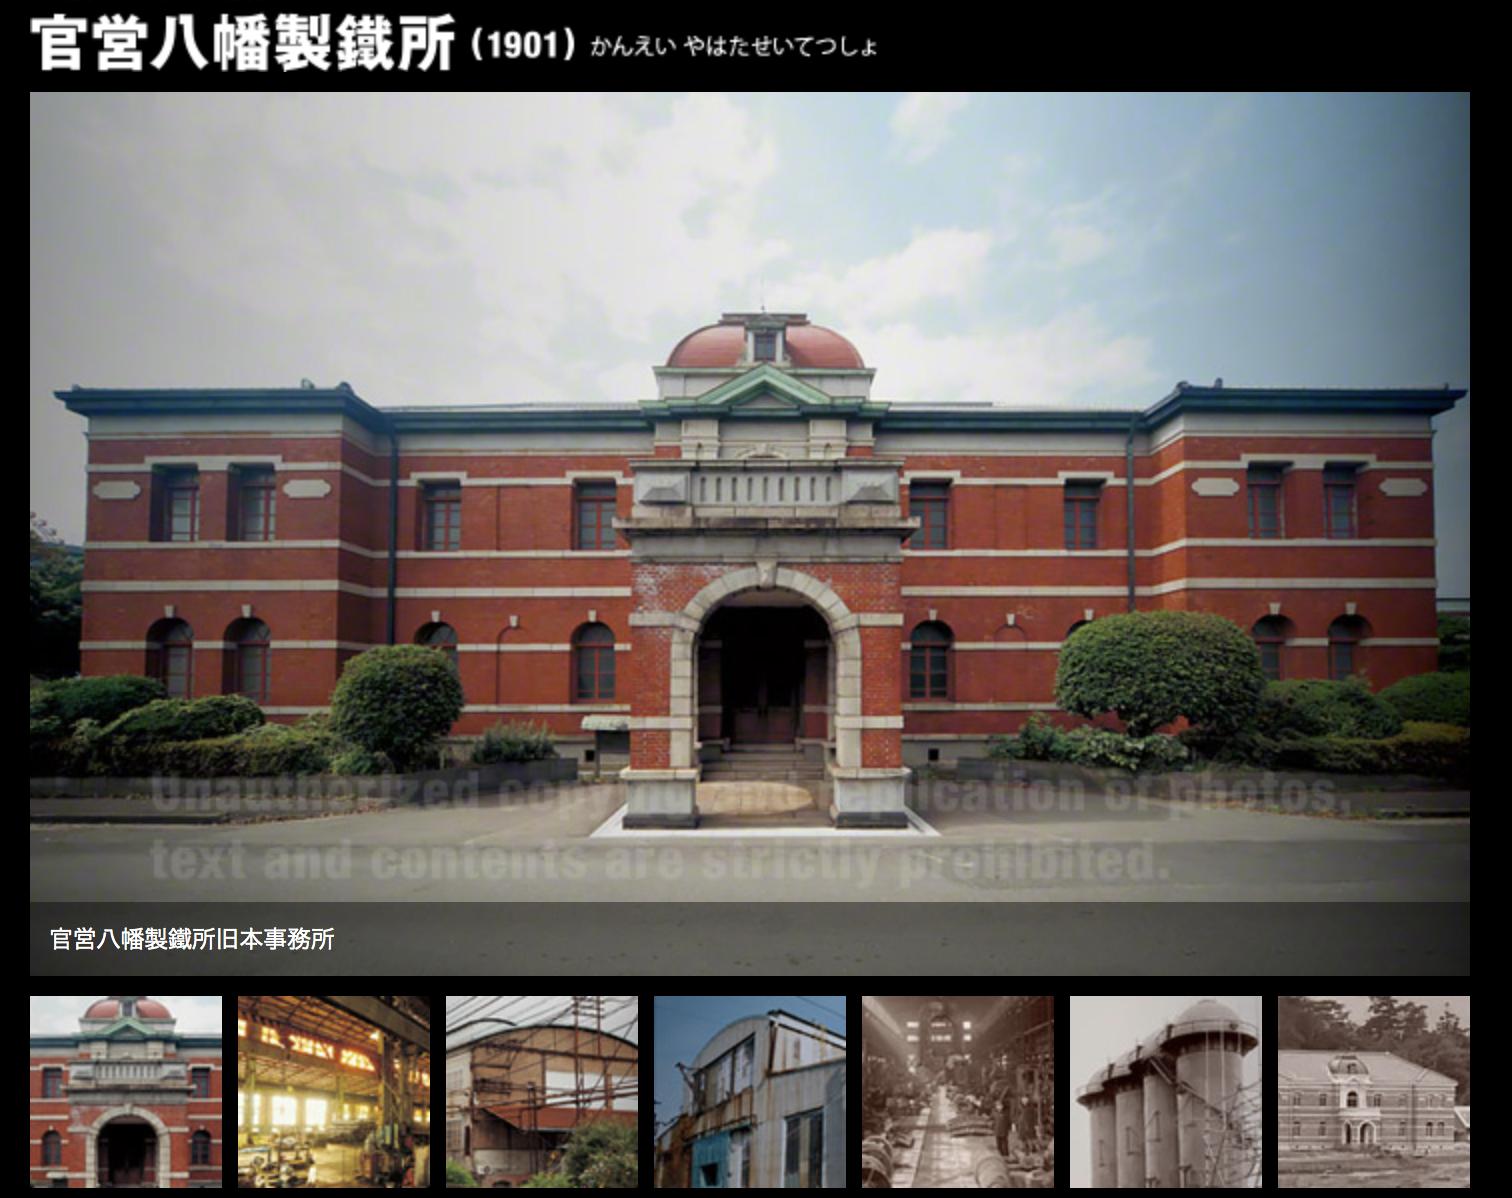 官営八幡製鉄所